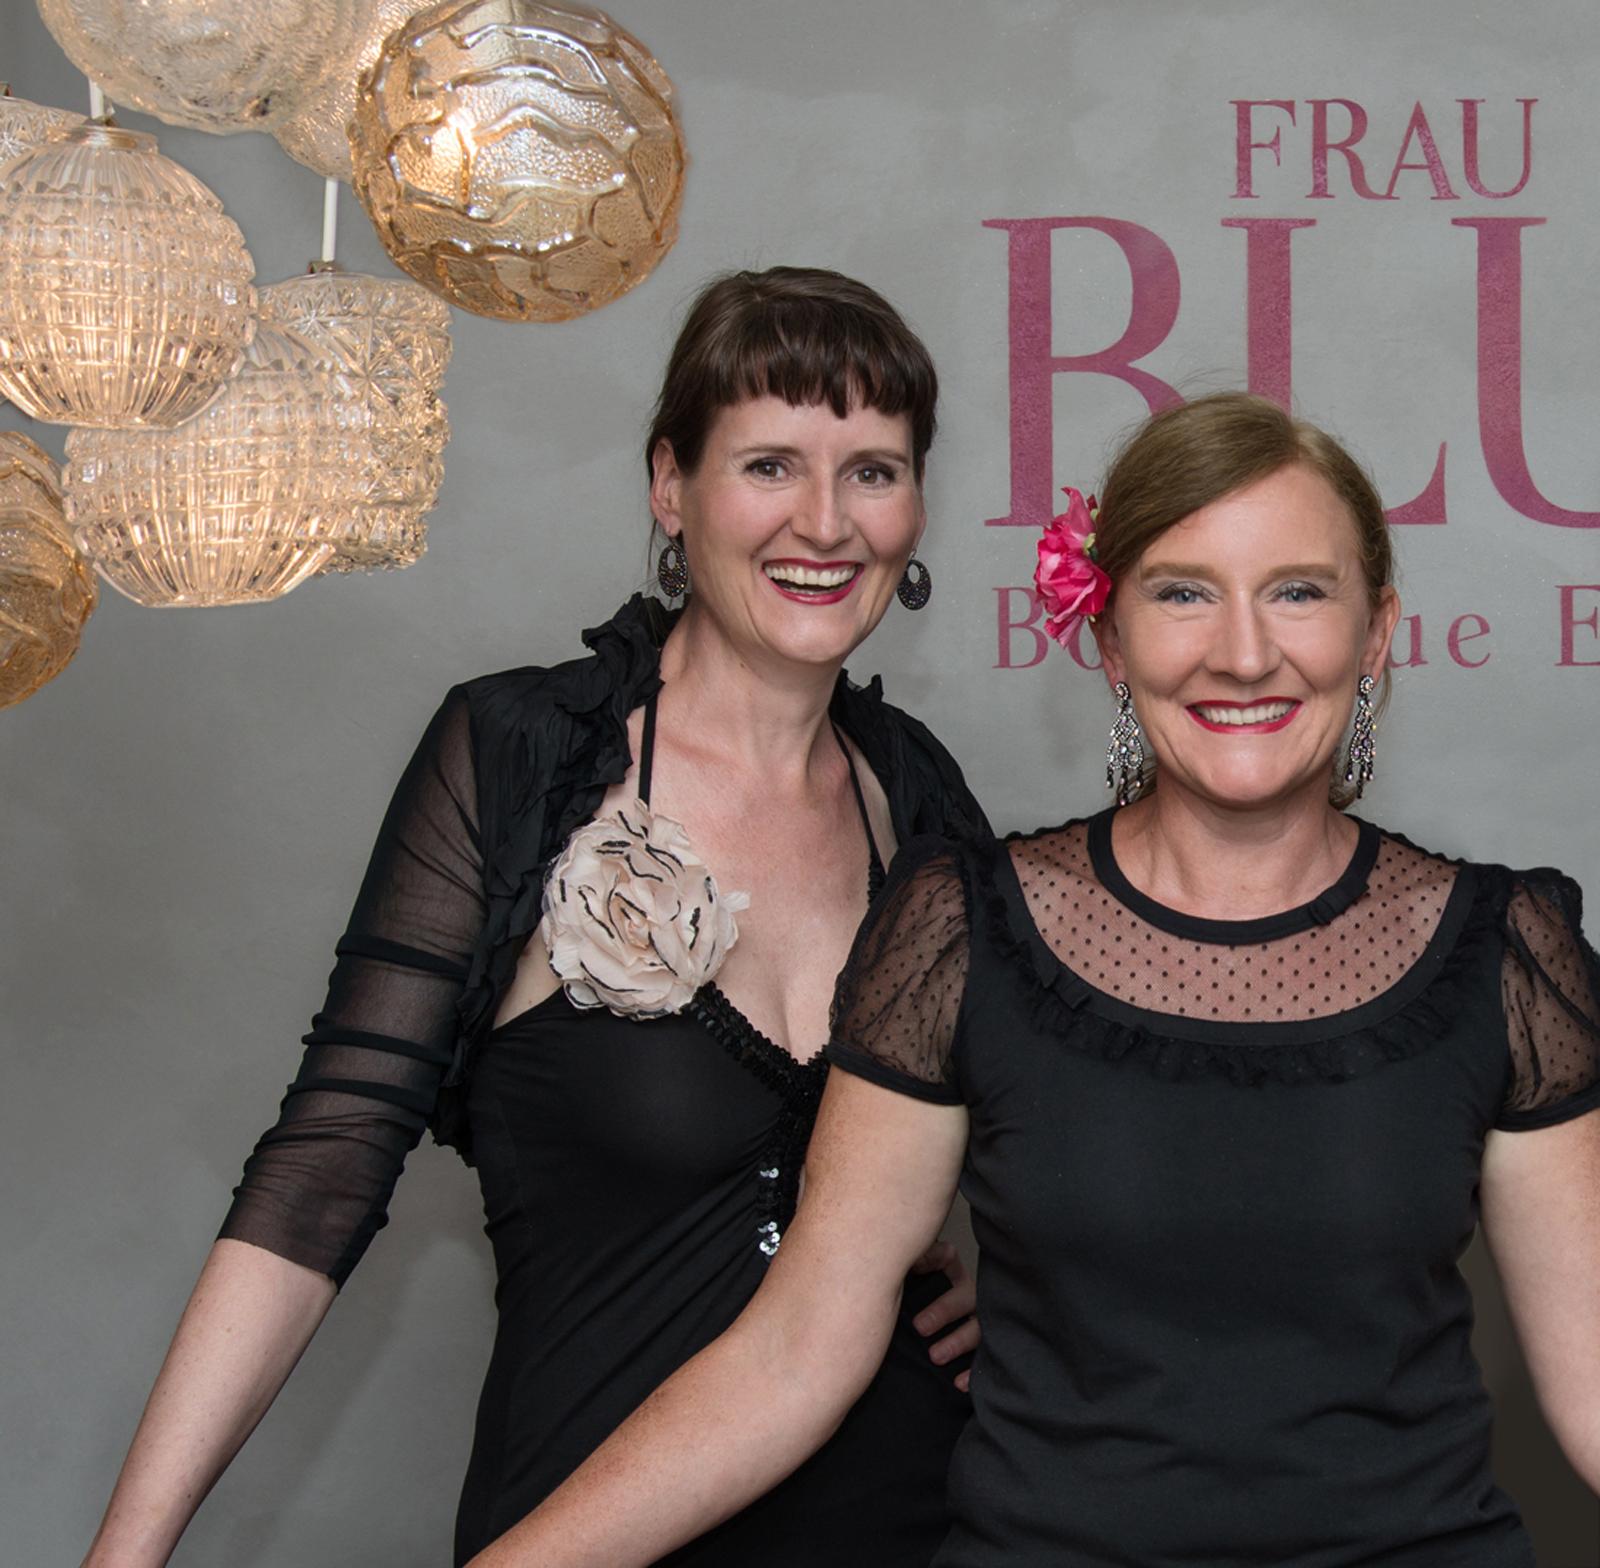 Stuttgartnacht - fraublum boutique erotique